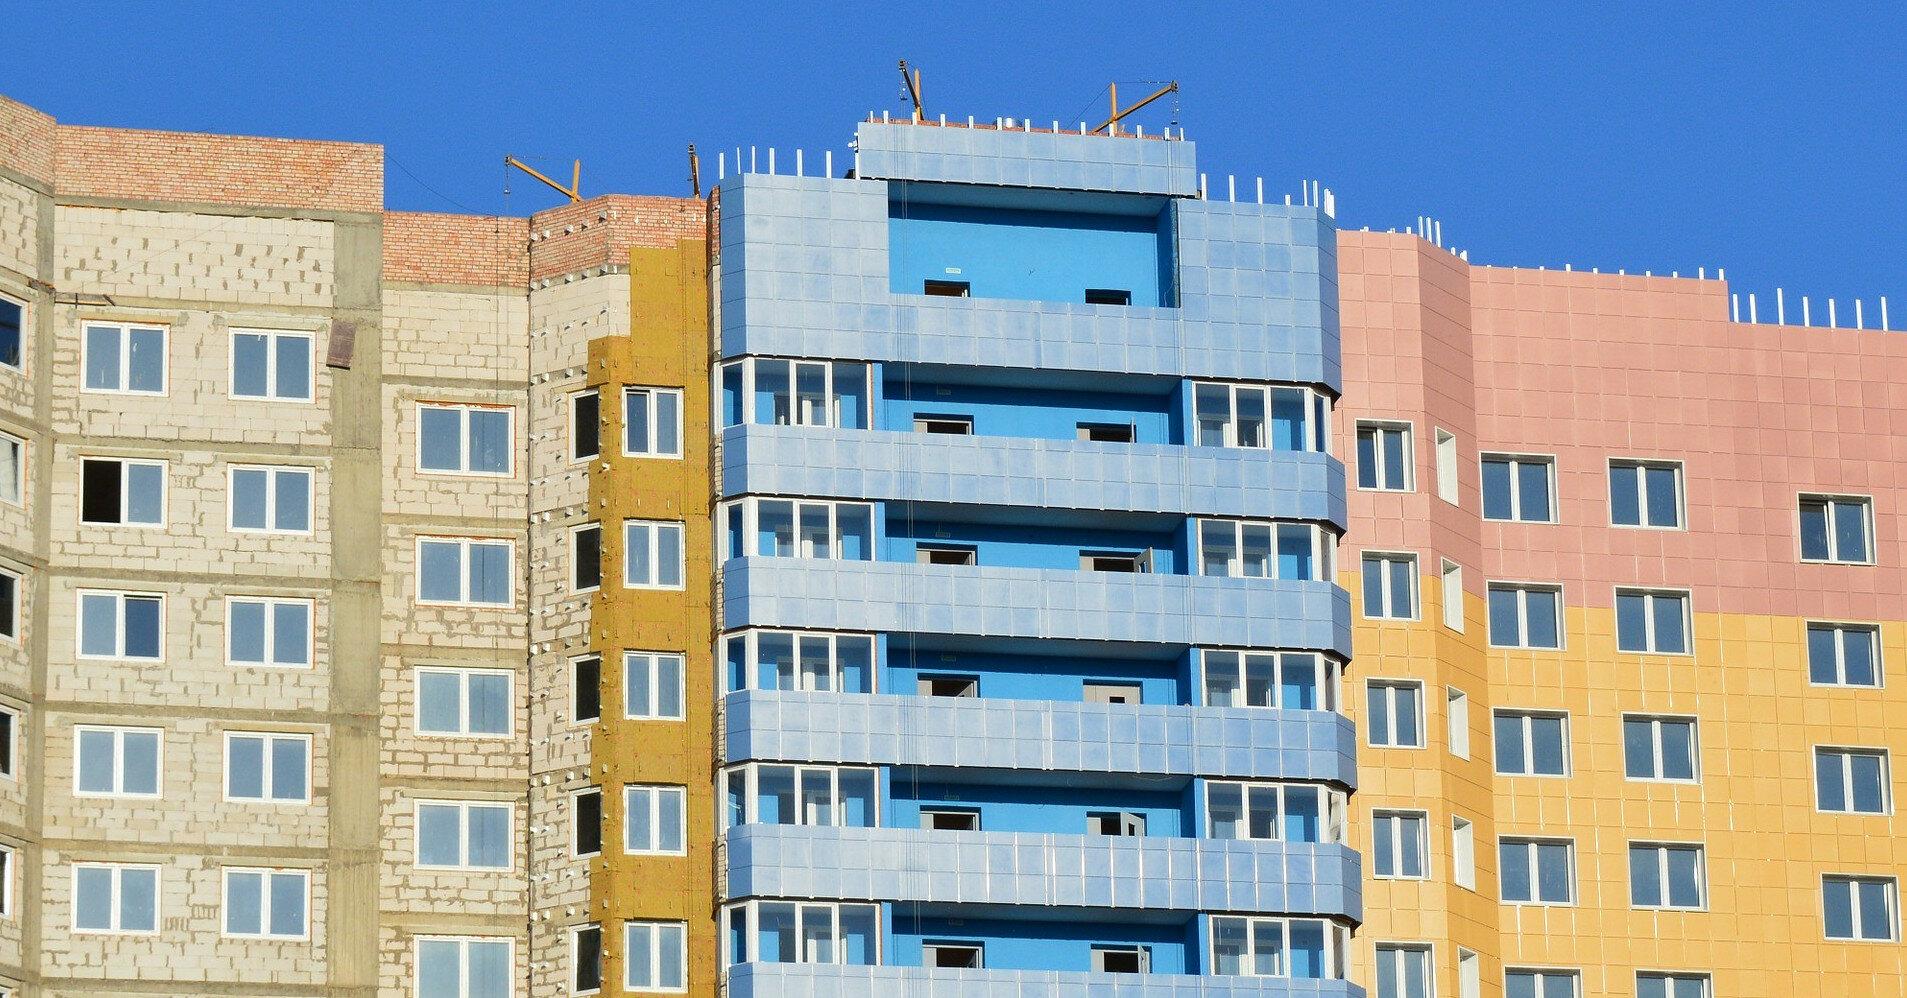 Советским квартирам предрекли обвал цен, а новострои подорожают